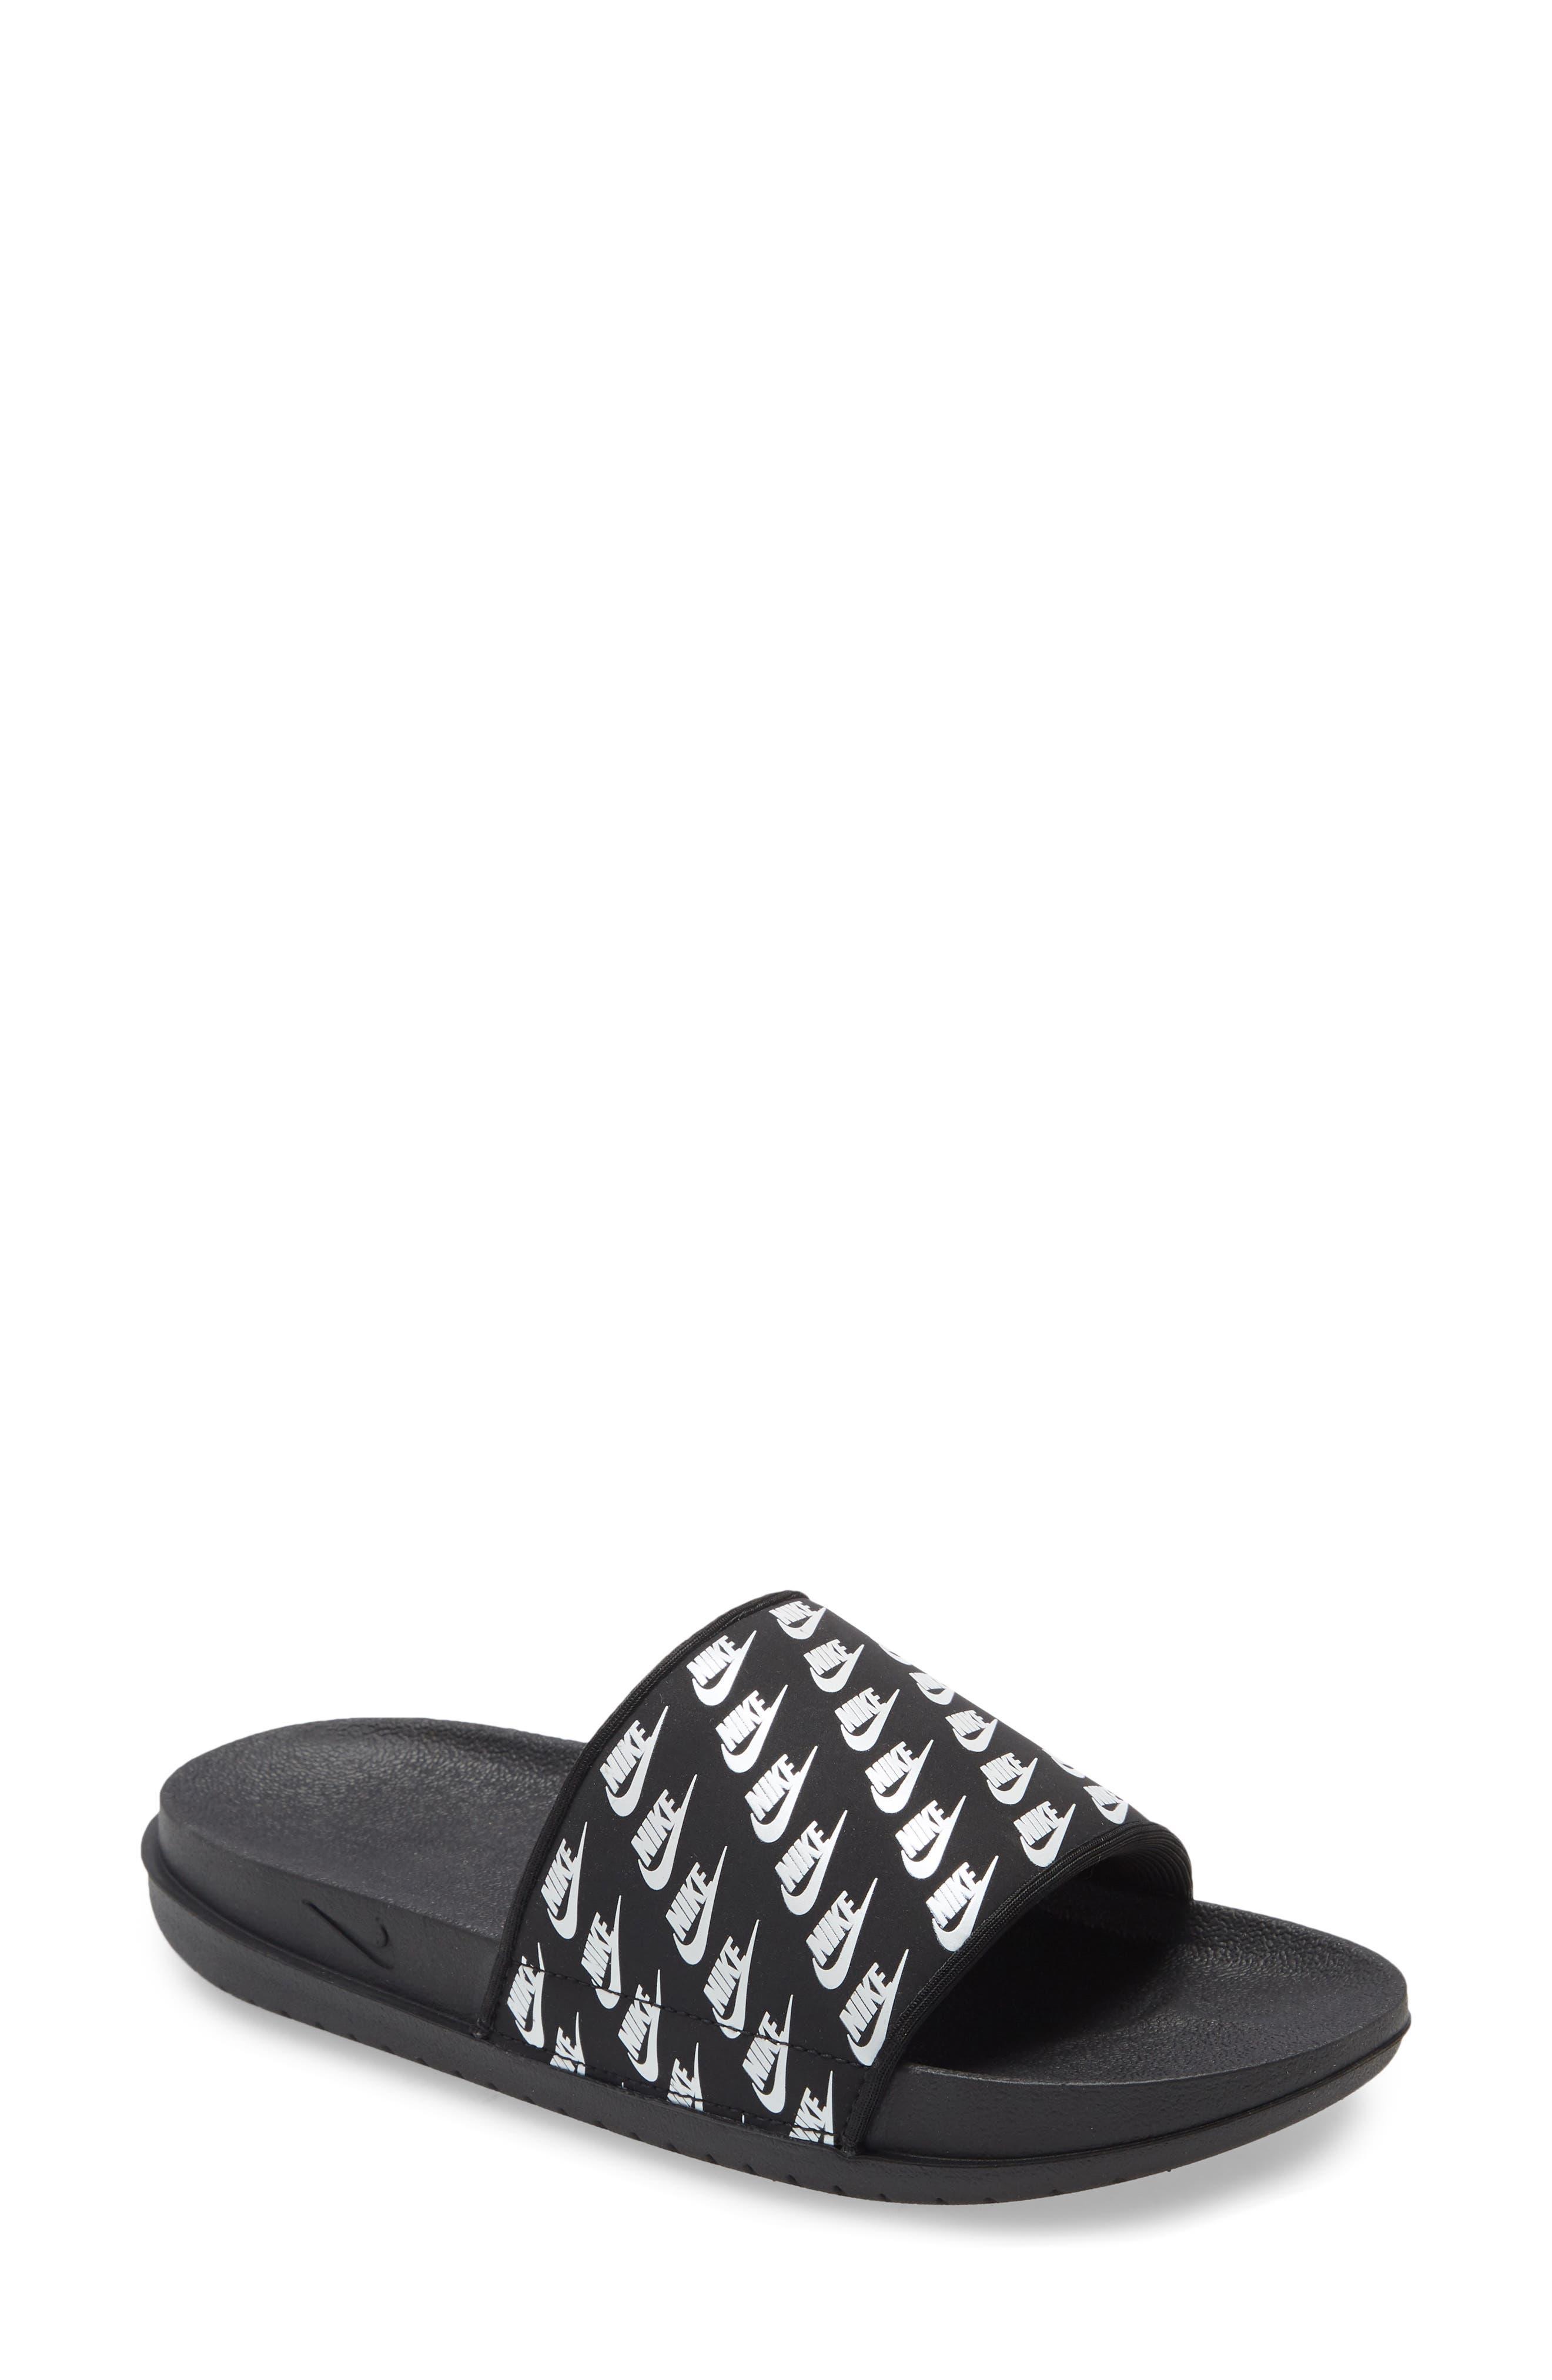 womens size 12 nike flip flops